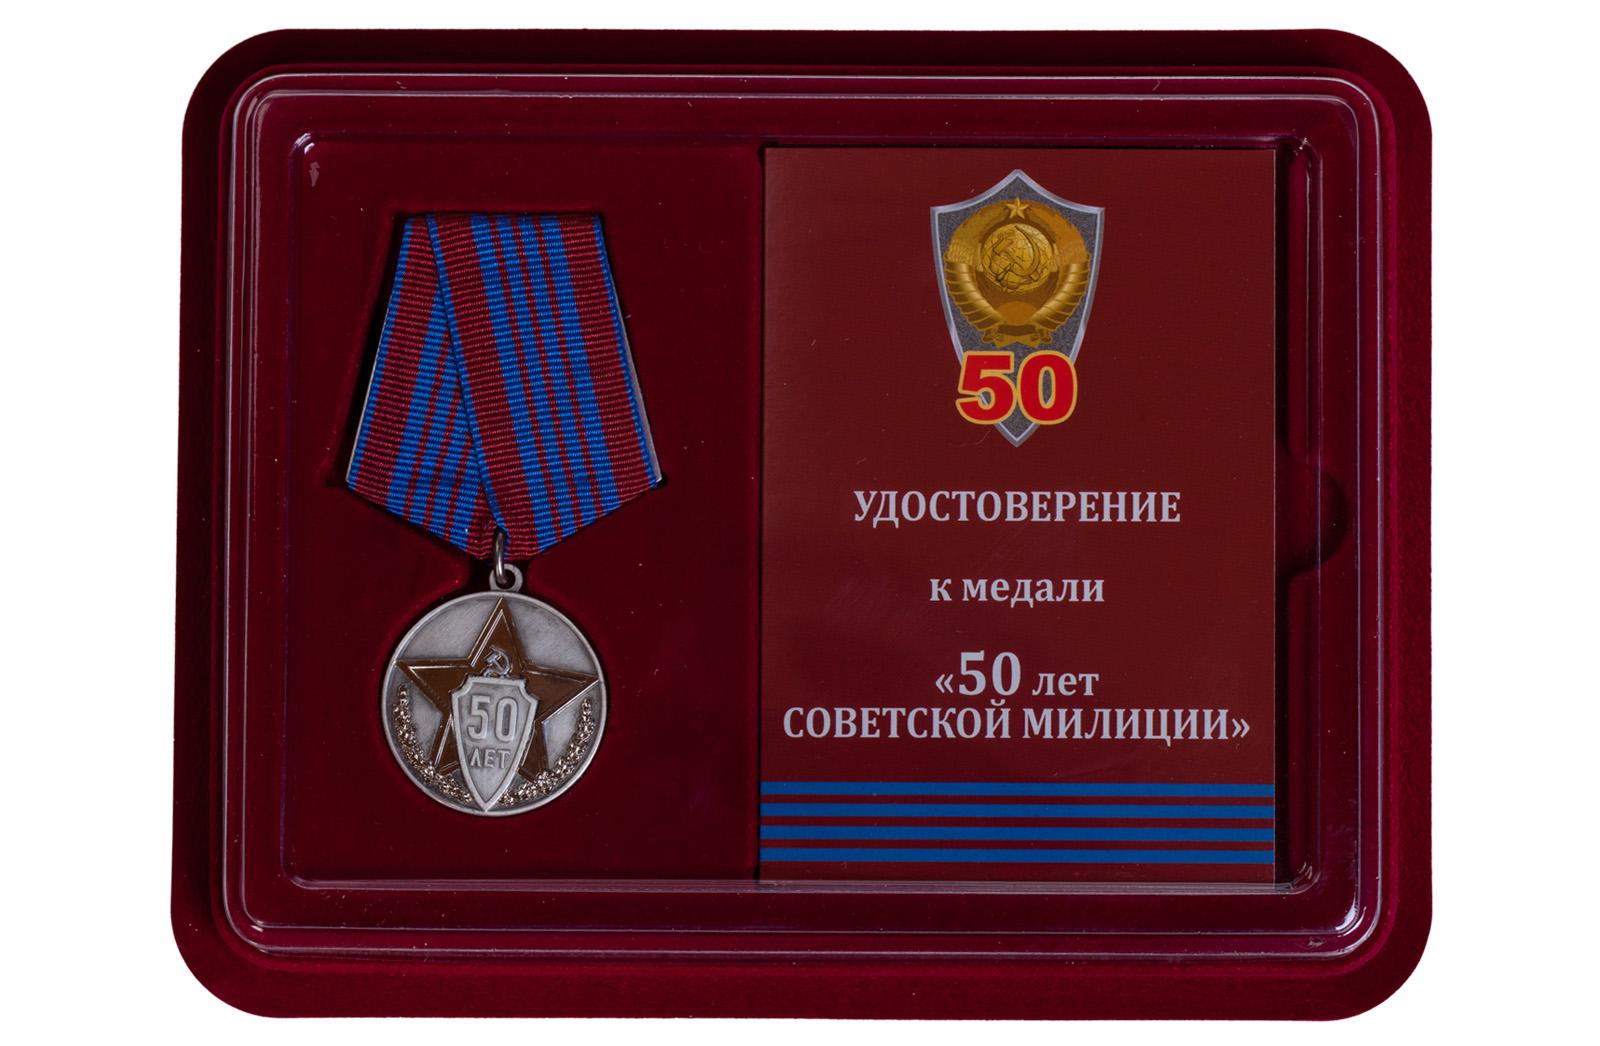 Памятная медаль 50 лет советской милиции - в футляре с удостоверением